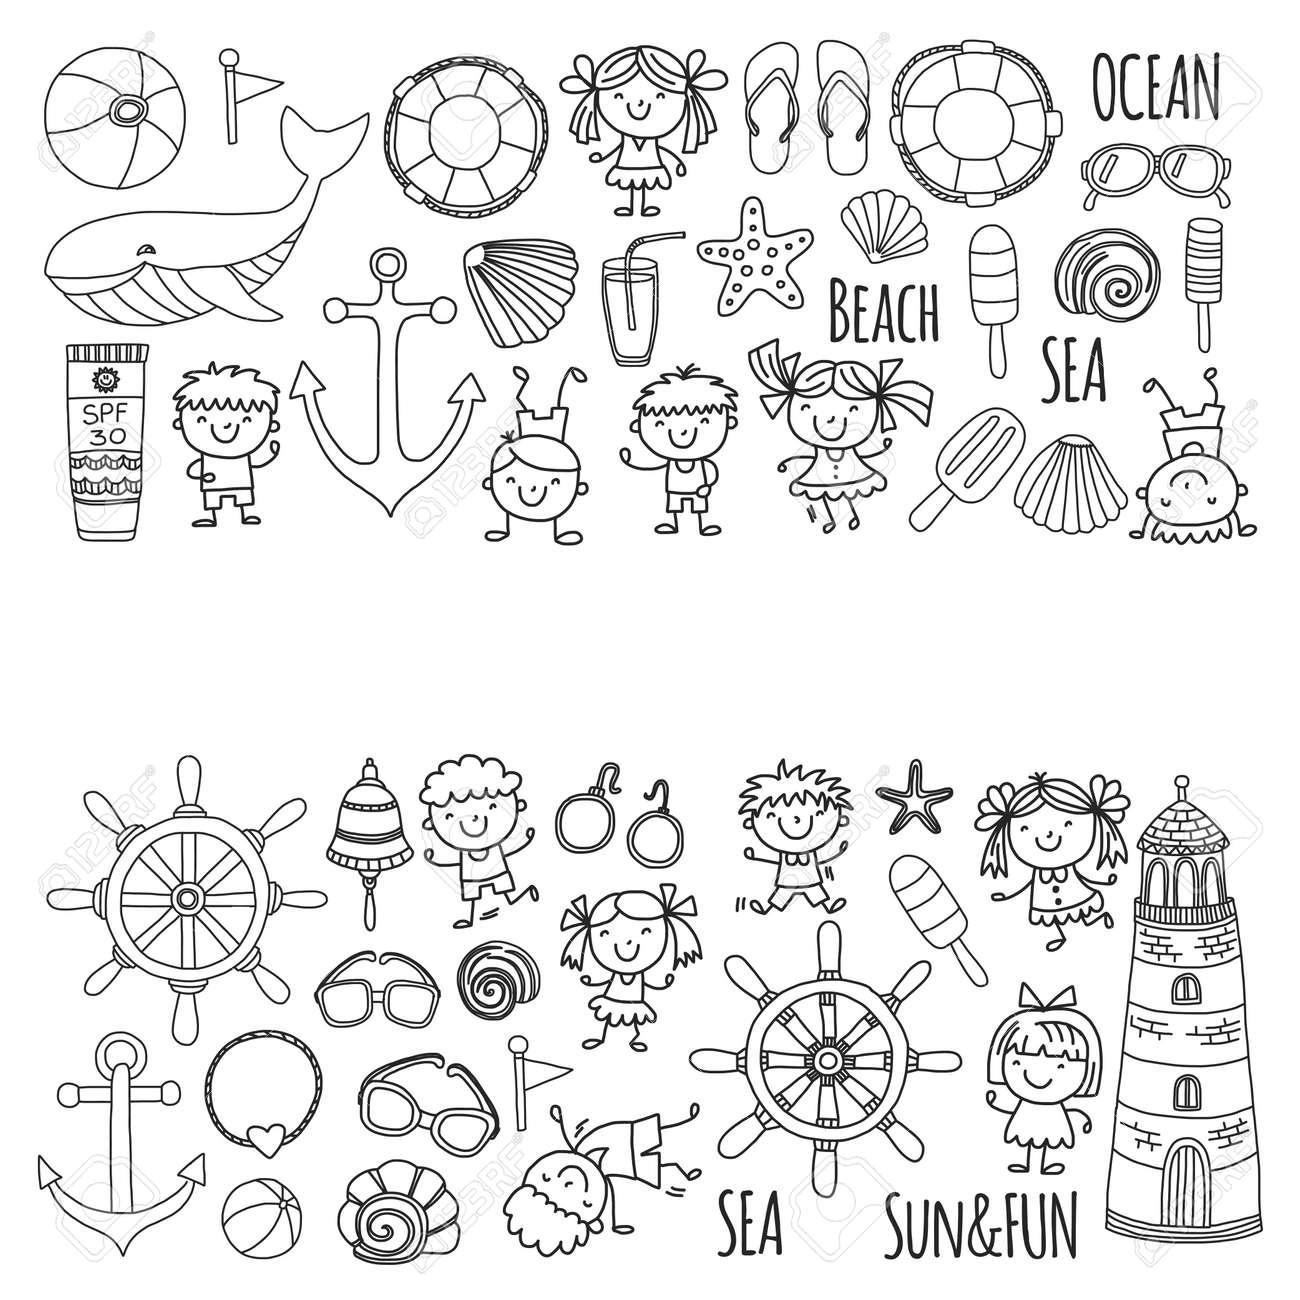 Coloriage Fille Avec Modele.Coloriage Plage Avec Des Vacances Scolaires Pour Enfants Petits Enfants Creche Mer Ocean Phare Garcons Et Filles Doodle Des Icones Vectorielles